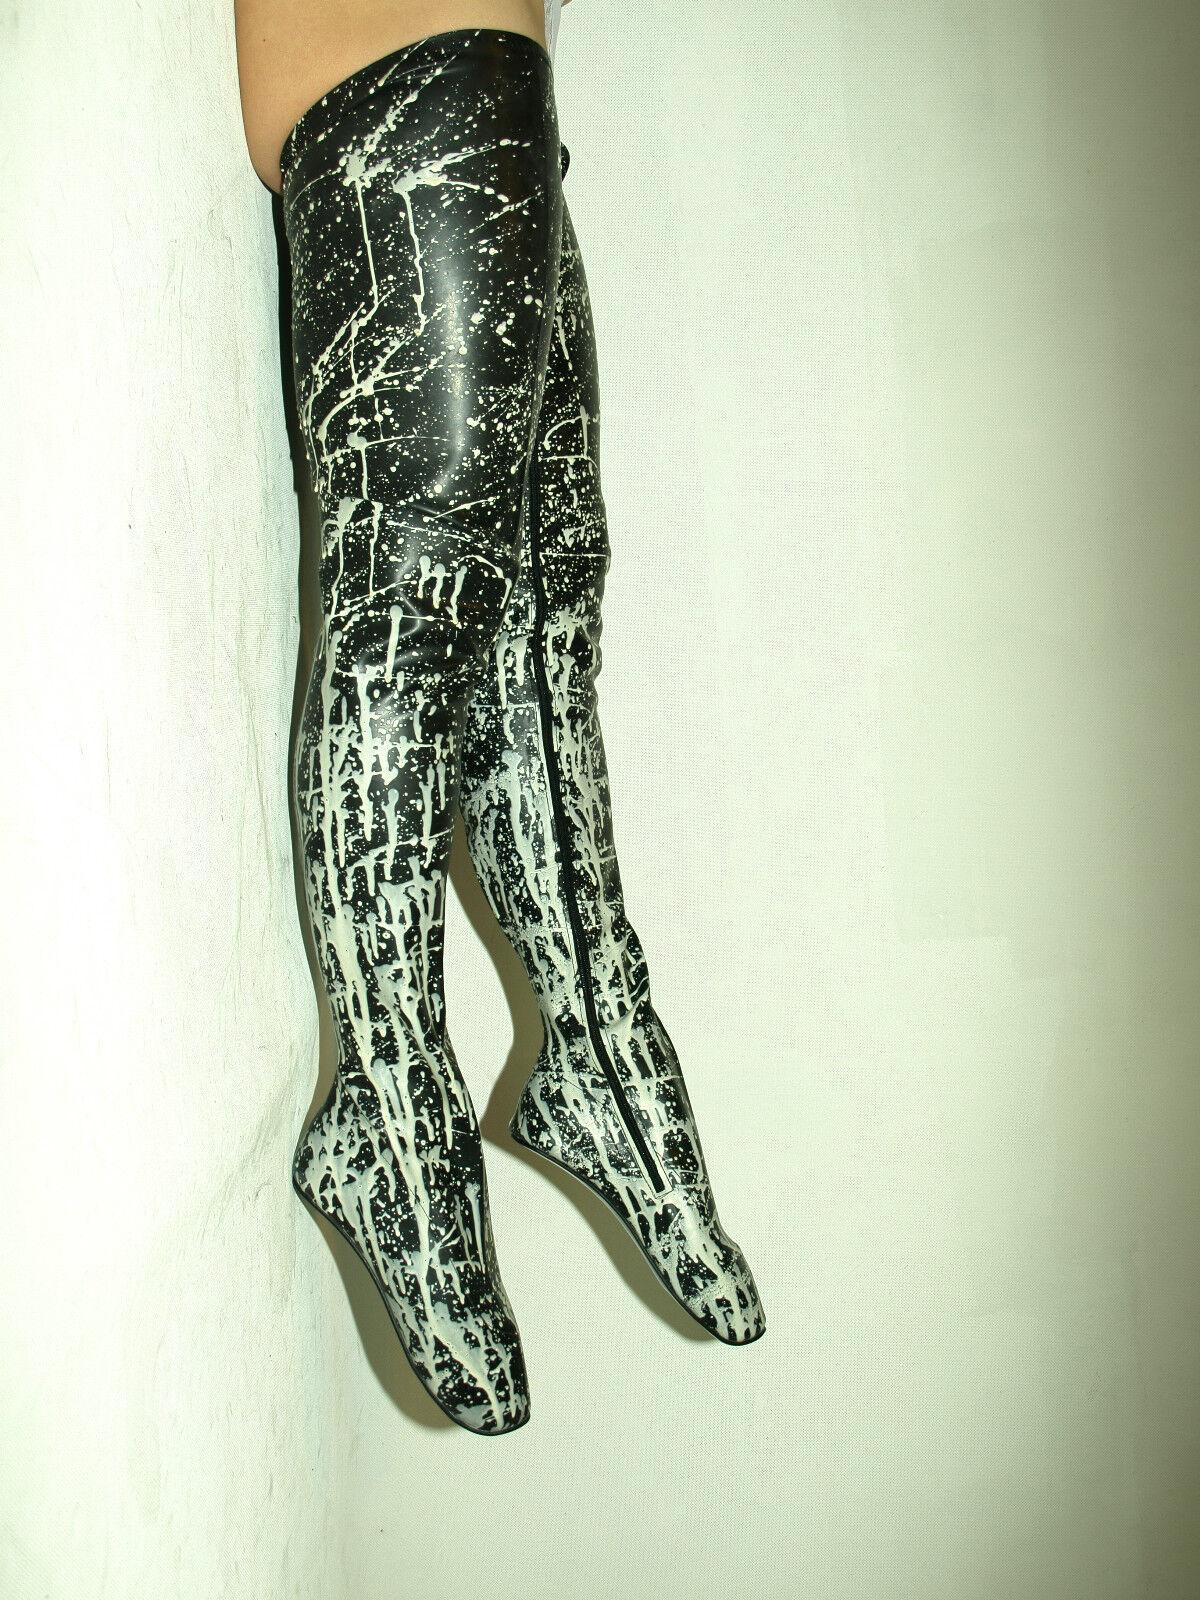 Latex gummi stiefel Stiefel Größe 37-47 absatz 0cm fs1210